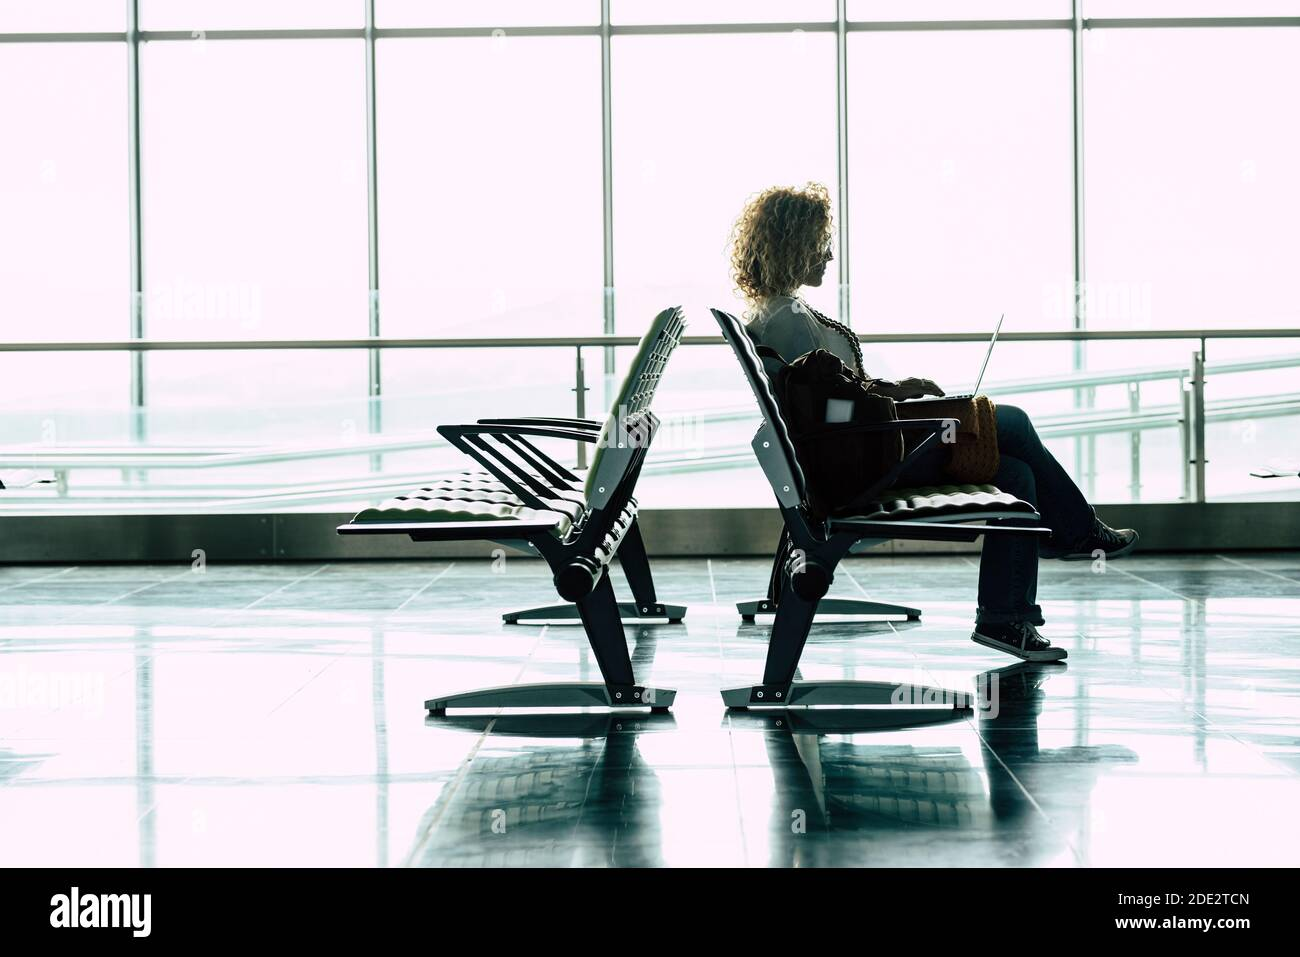 Déplacements et travail en ligne des employés à la porte de l'aéroport - la femme s'assoit et attend son vol avec ordinateur portable en mode travail intelligent ou nomade numérique Banque D'Images